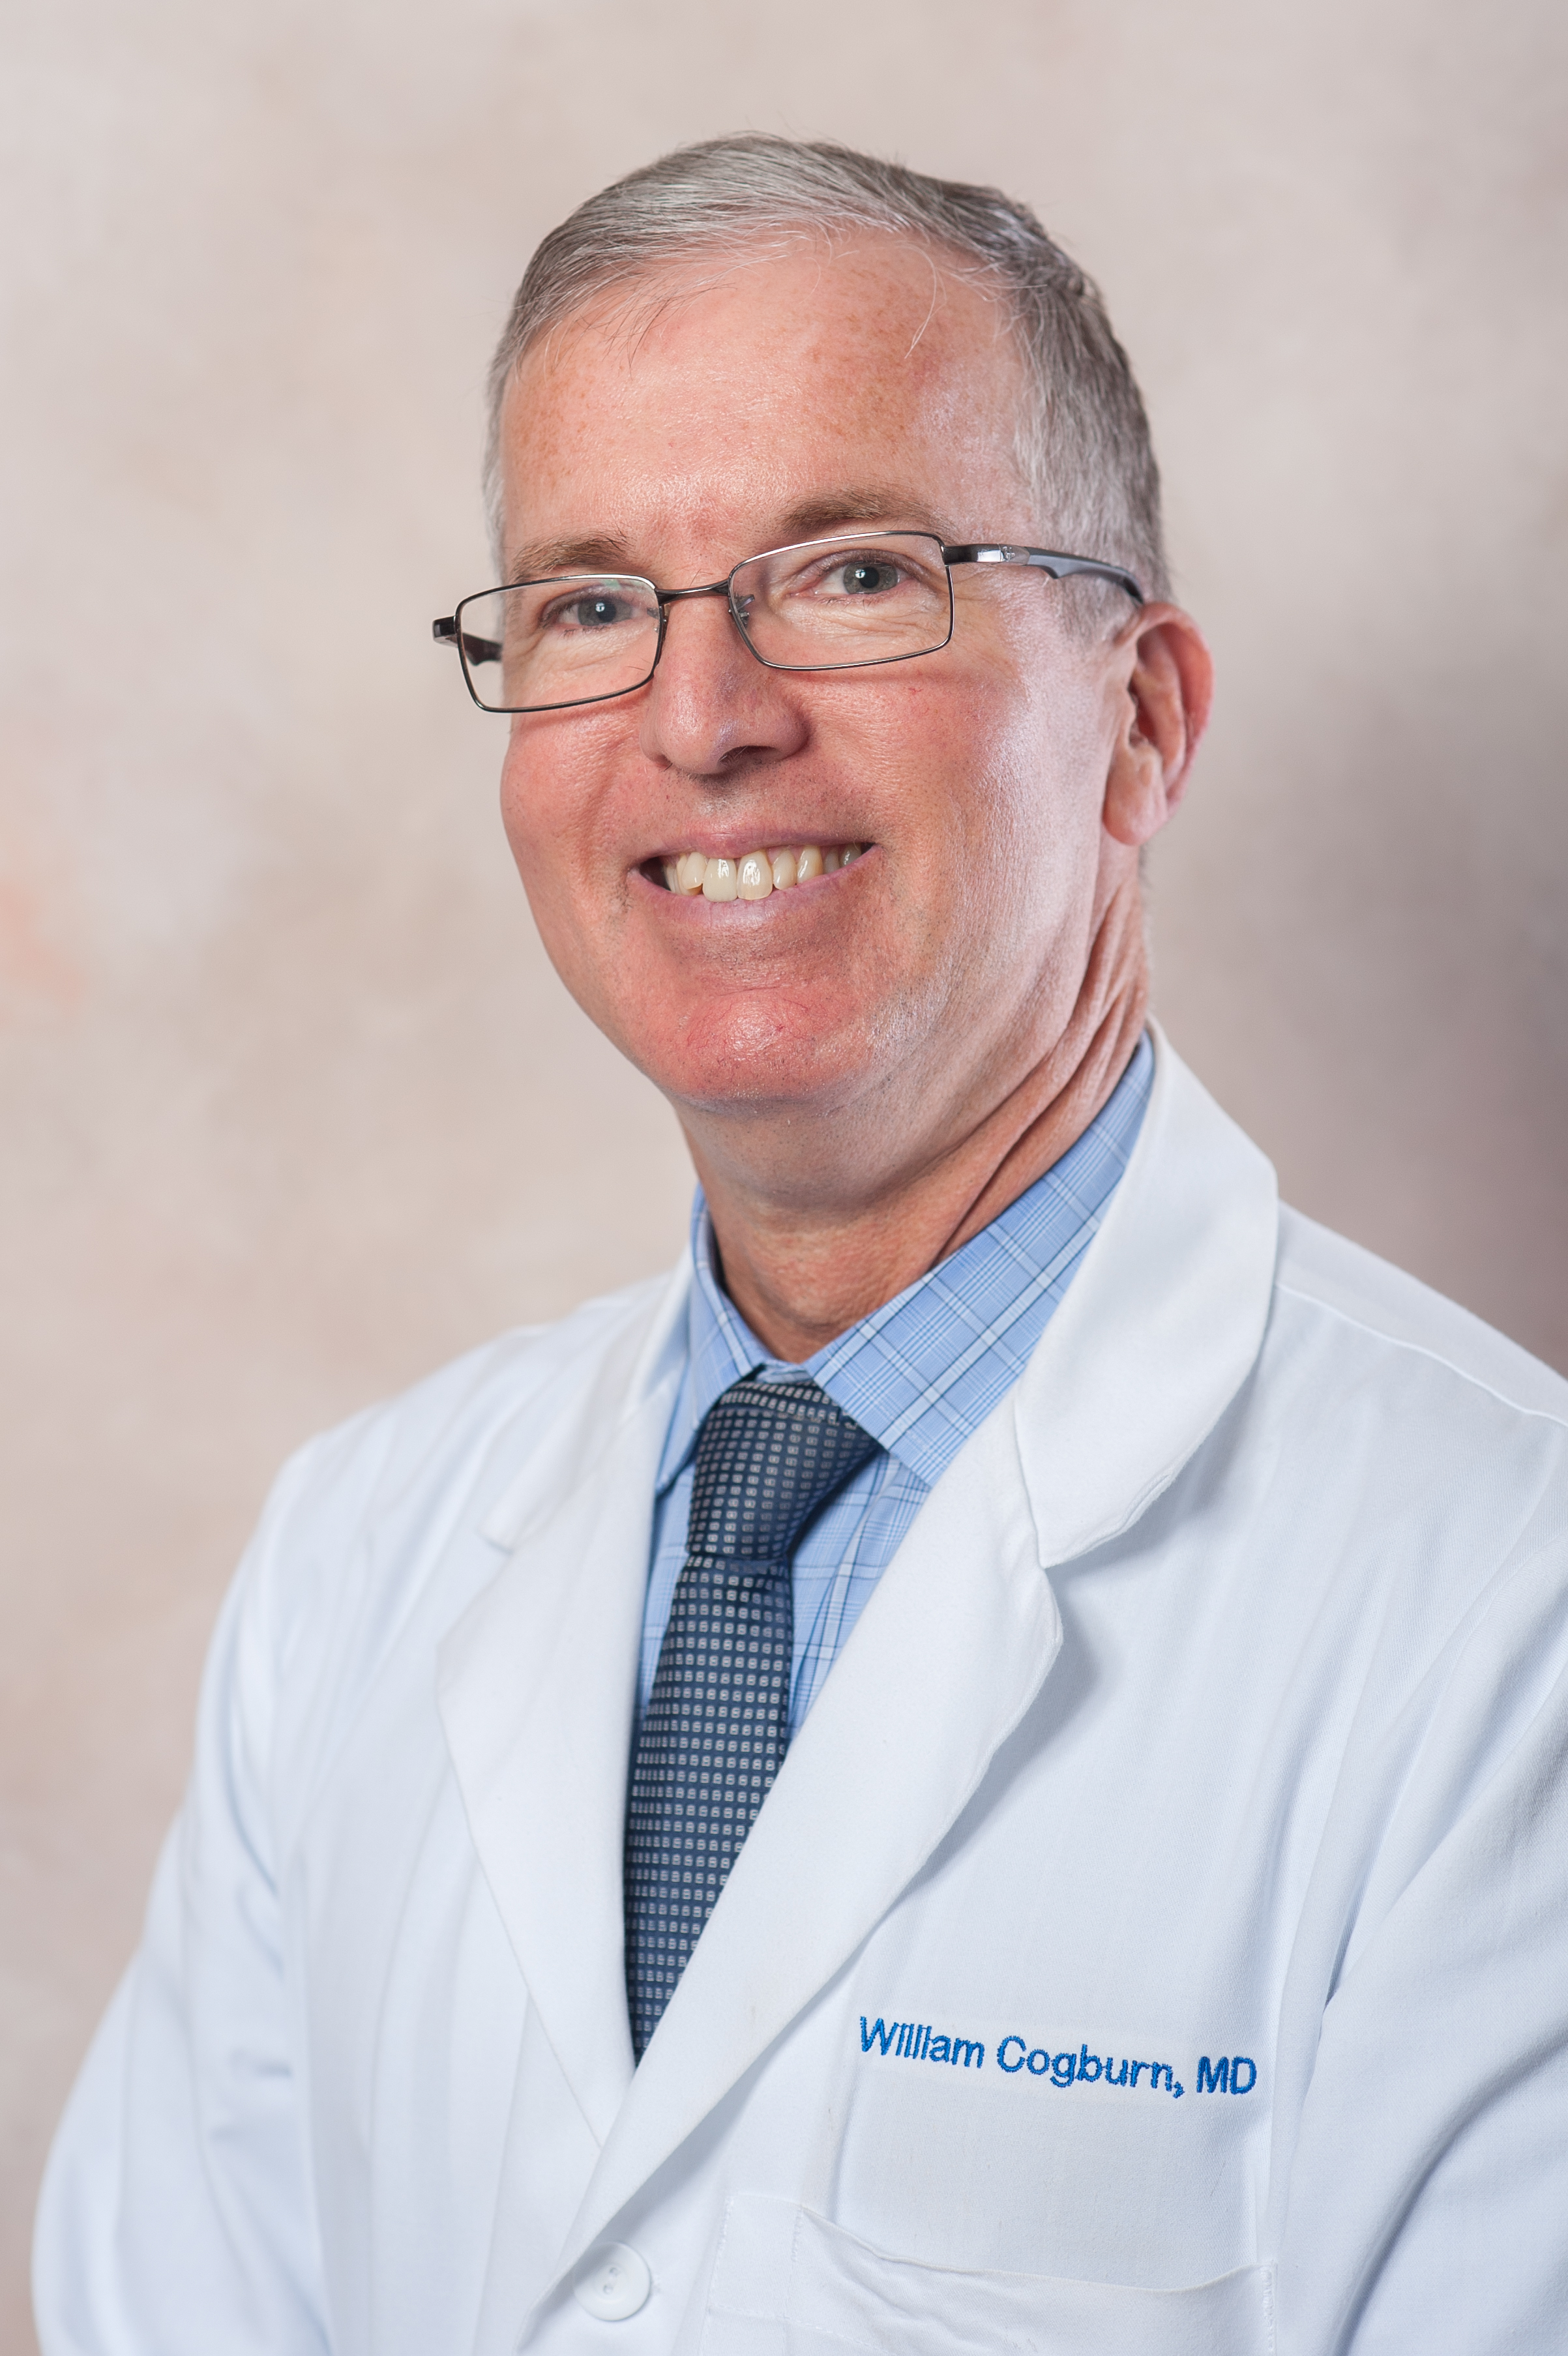 william cogburn m d millennium physician group